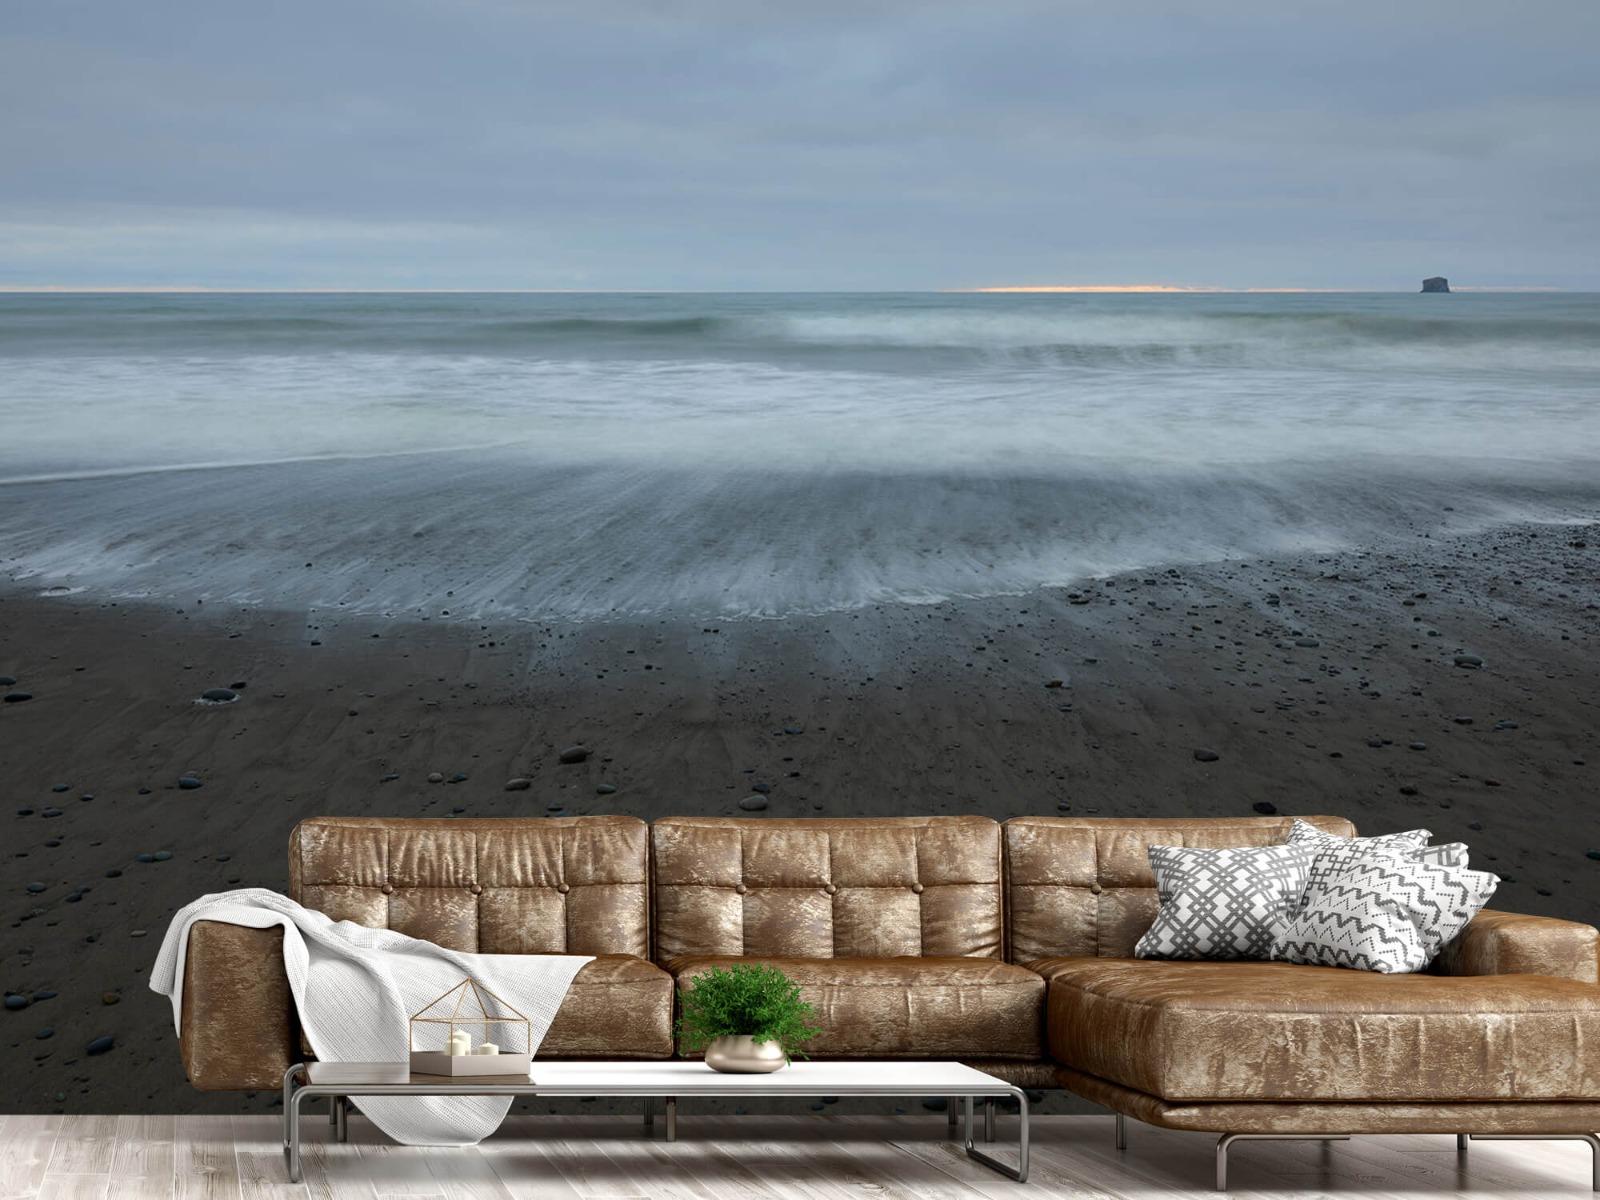 Zeeën en Oceanen - Golven aan het strand - Slaapkamer 16